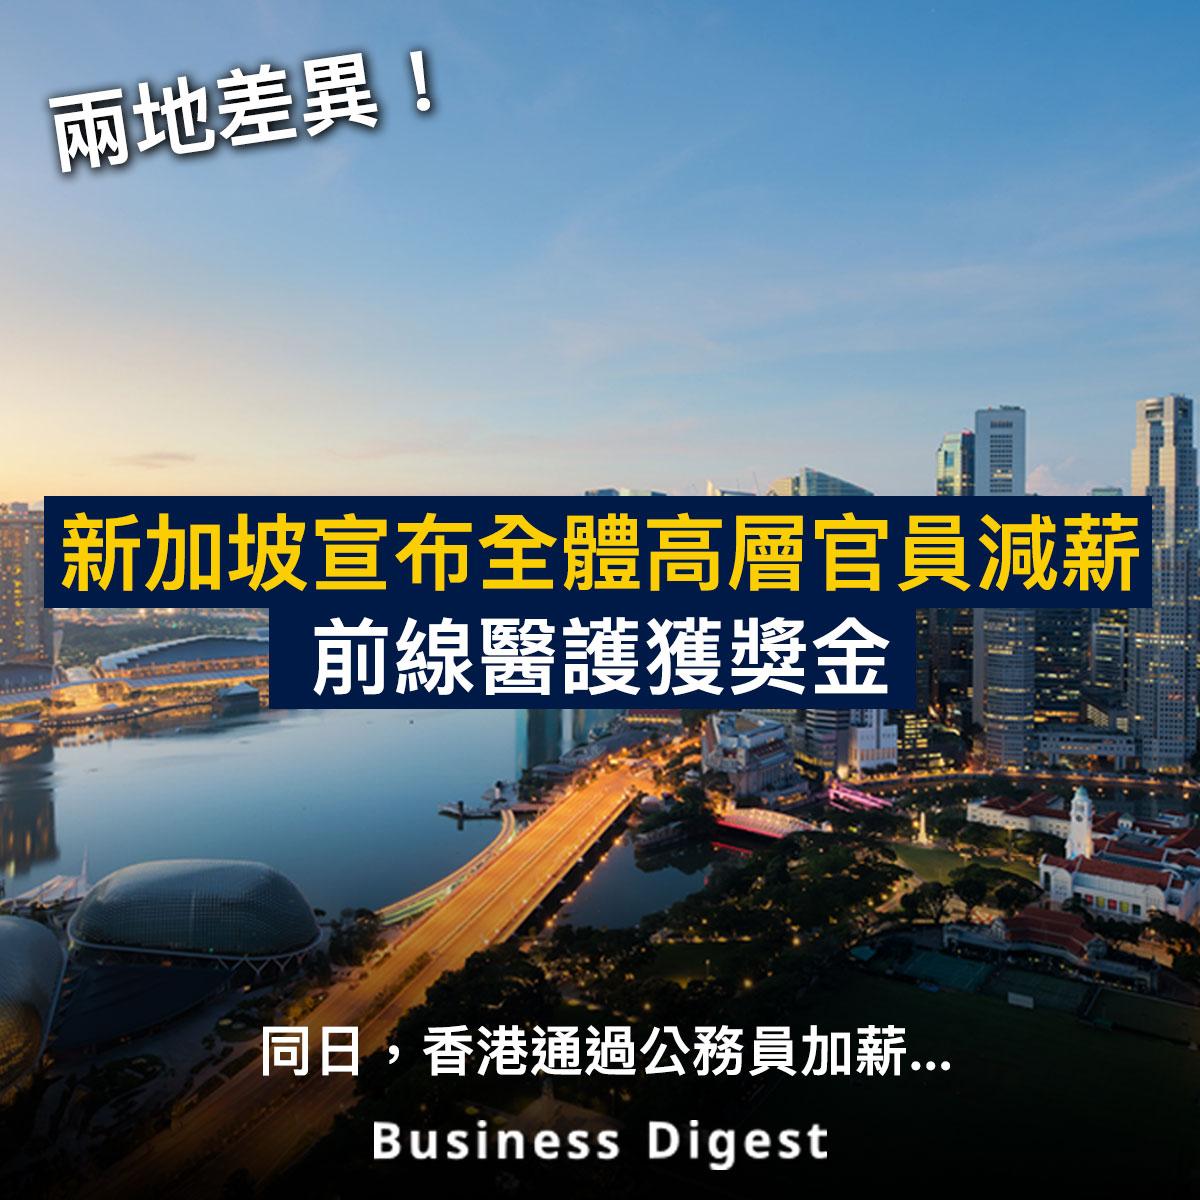 【商業熱話】新加坡宣布全體高層官員減薪,前線醫護獲獎金